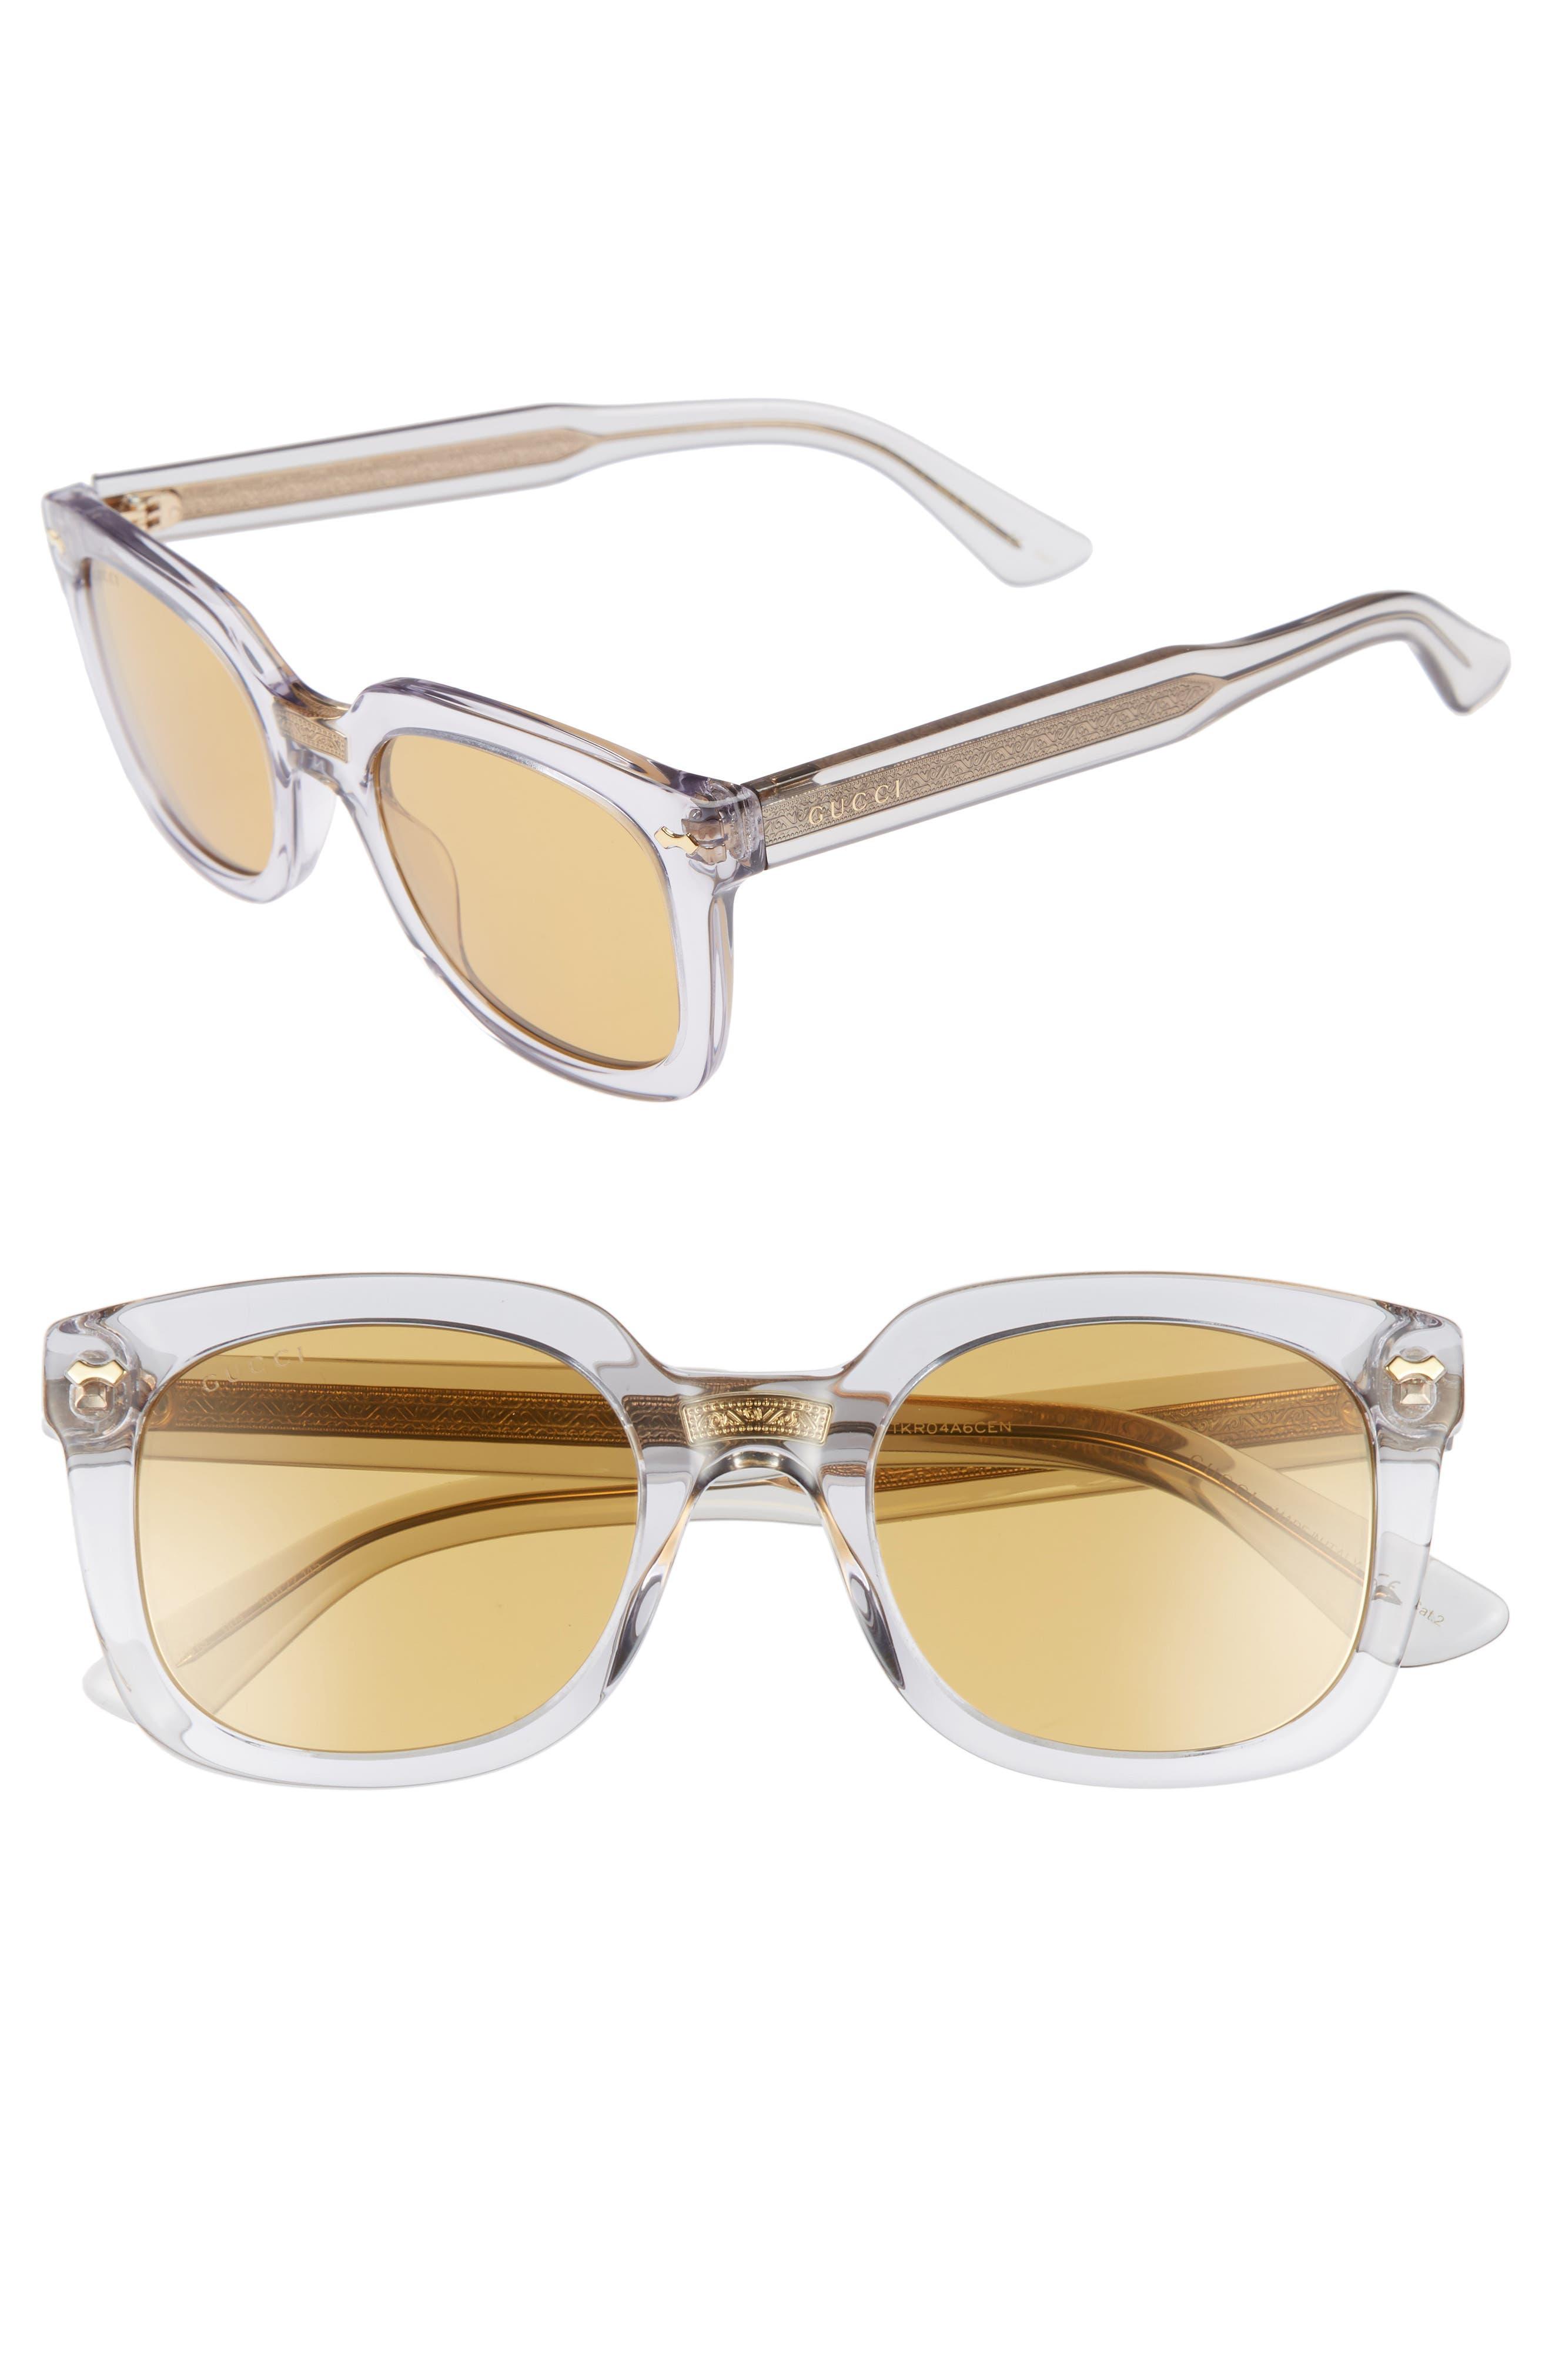 Main Image - Gucci 50mm Square Sunglasses